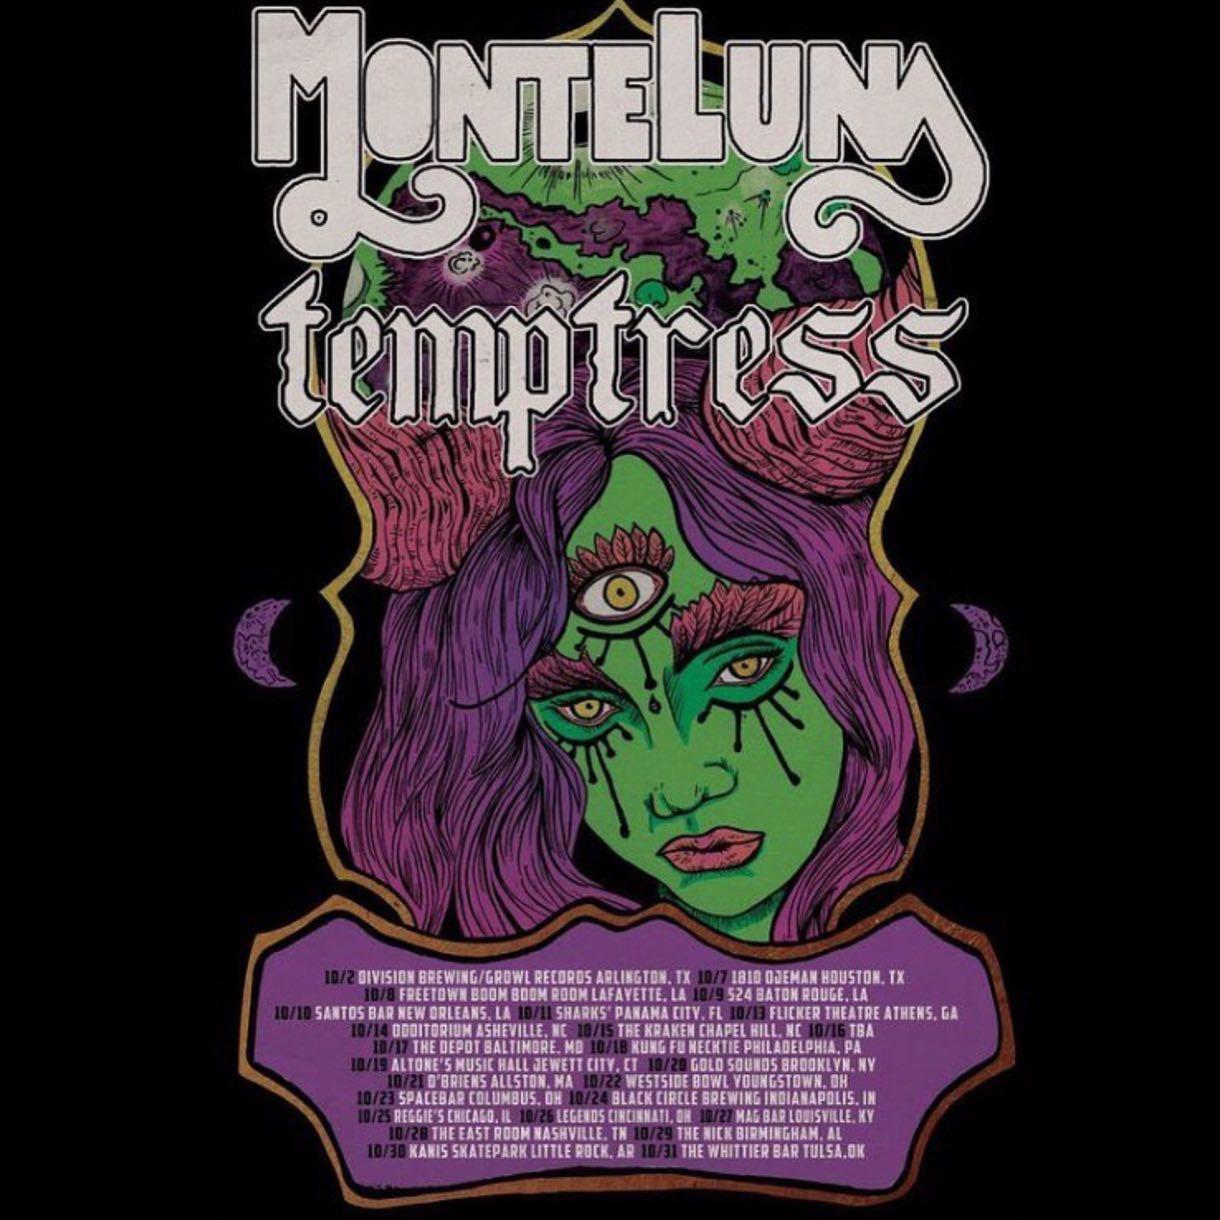 monte luna temptress tour